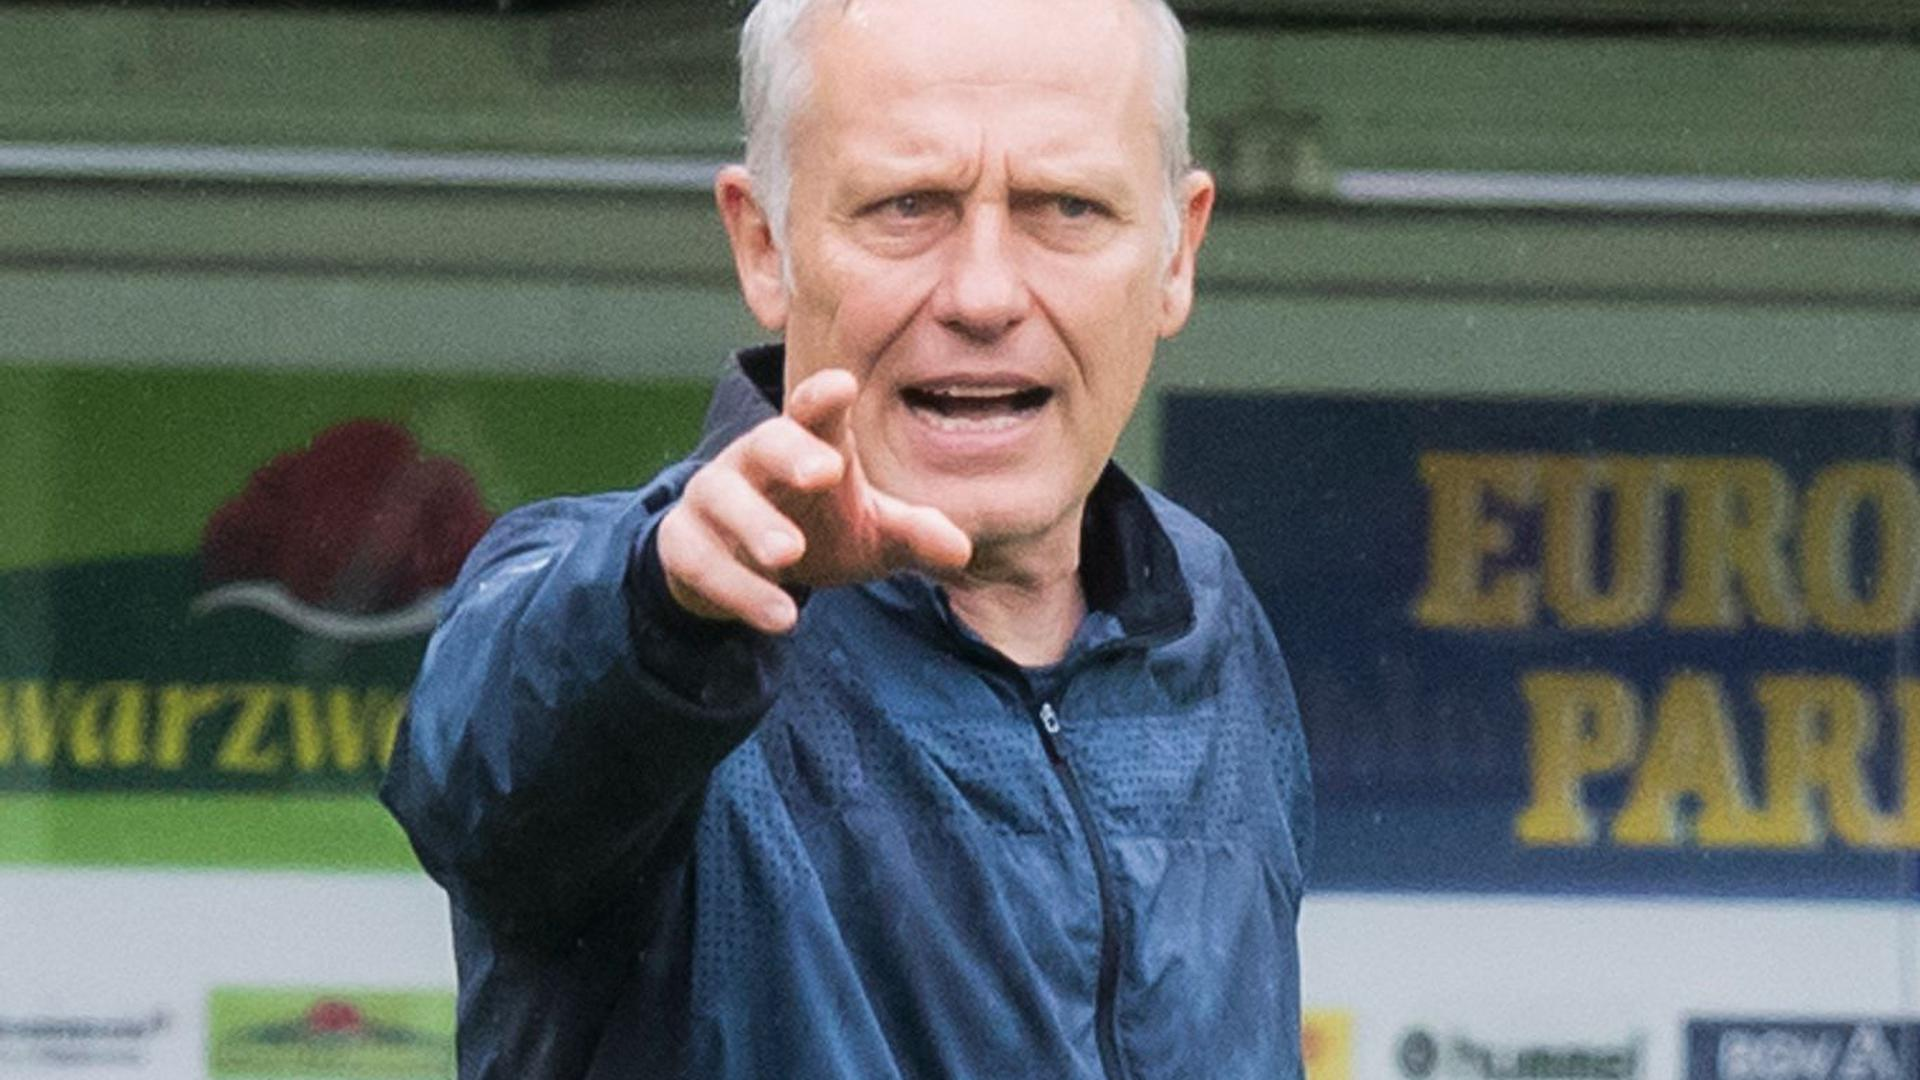 Freiburgs Trainer Christian Streich gestikuliert.